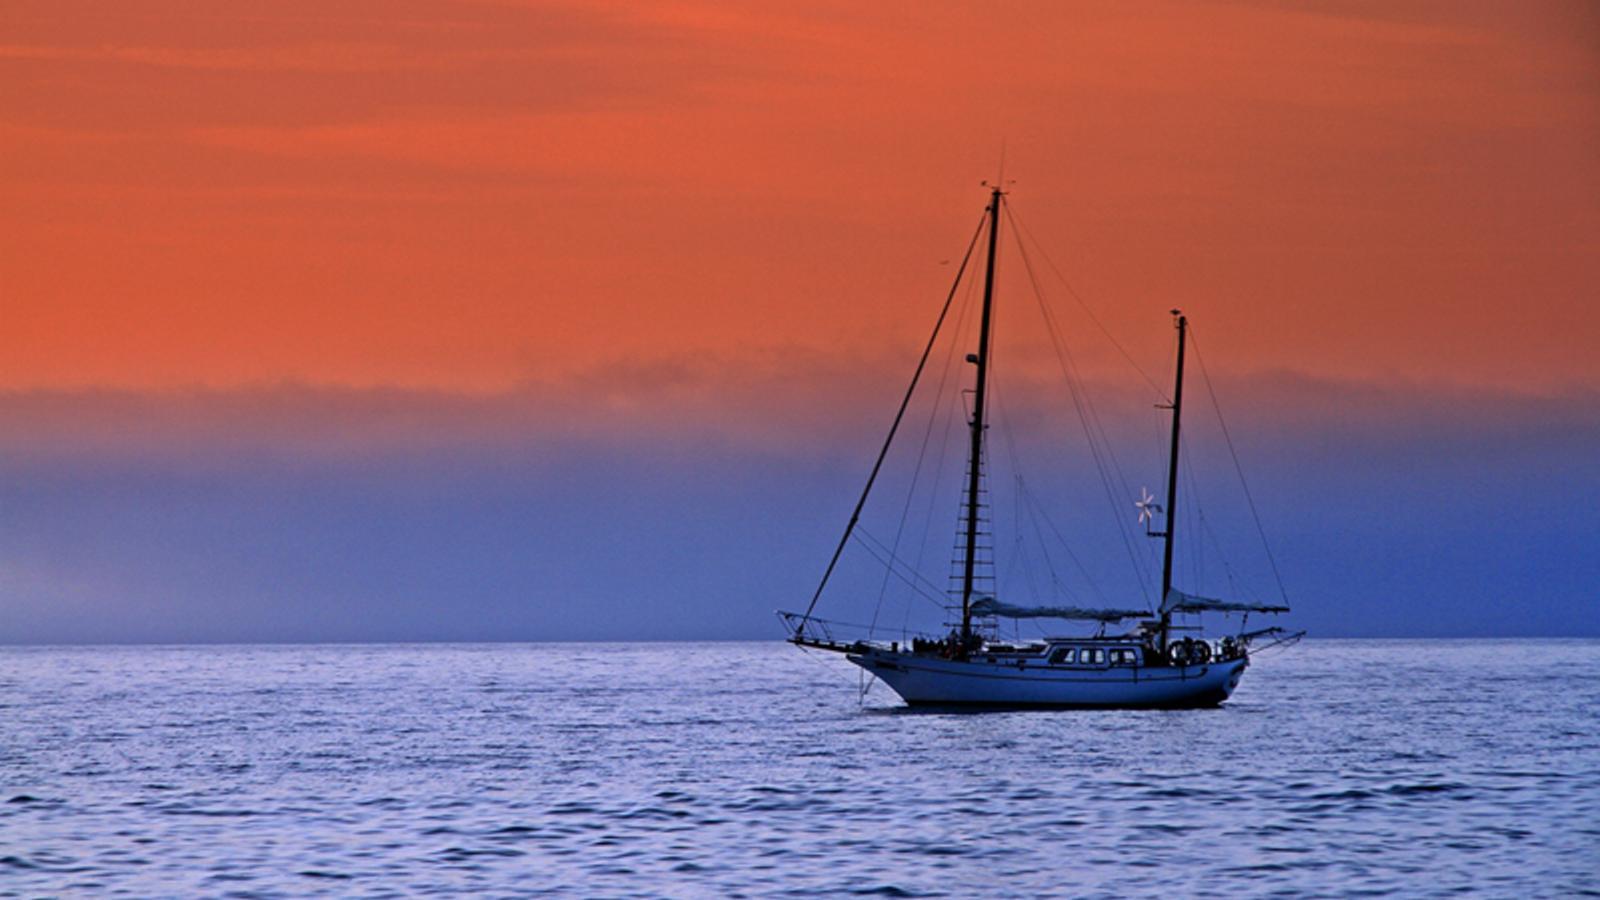 Les 10 millors fotos del temps de la setmana 2 8 6 14 - Lloret del mar meteo ...